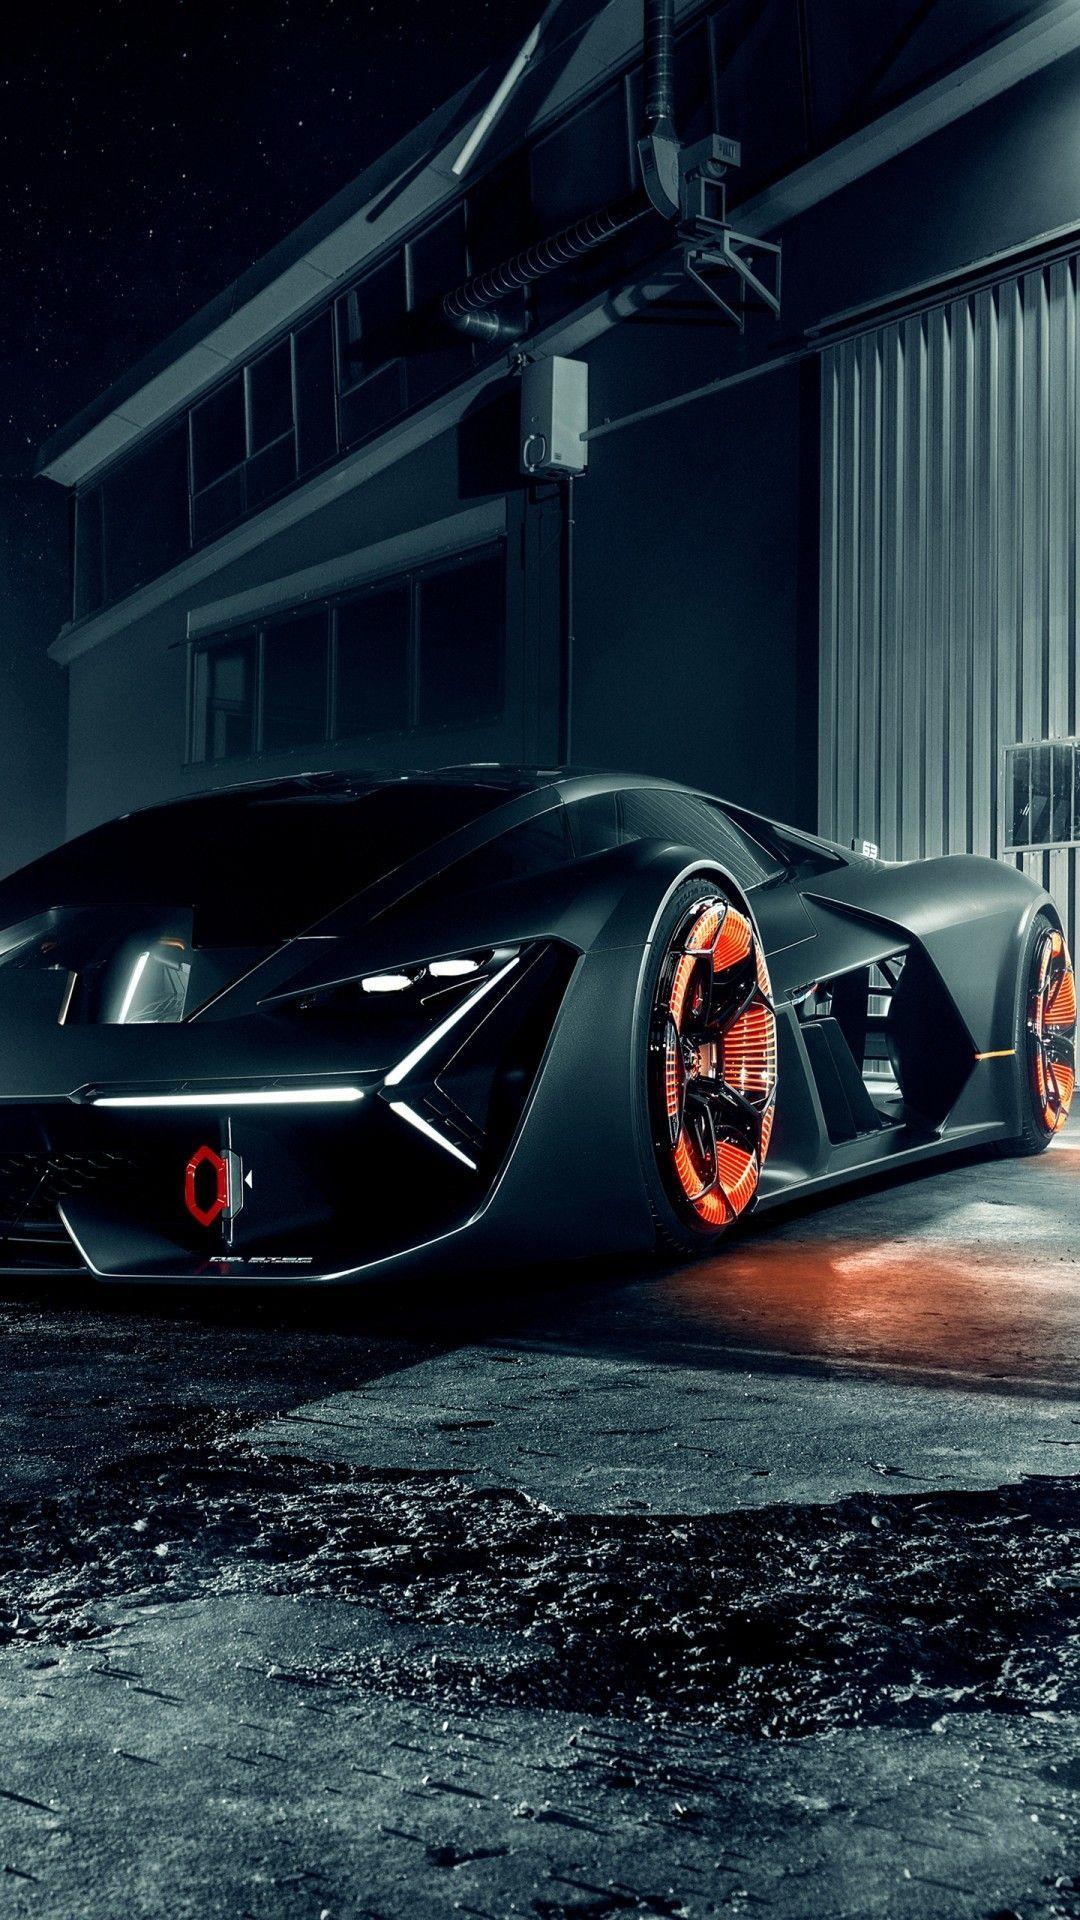 Lamborghini Terzo Millennio In 2020 Lamborghini Concept Sports Cars Lamborghini Lamborghini Murcielago Sv